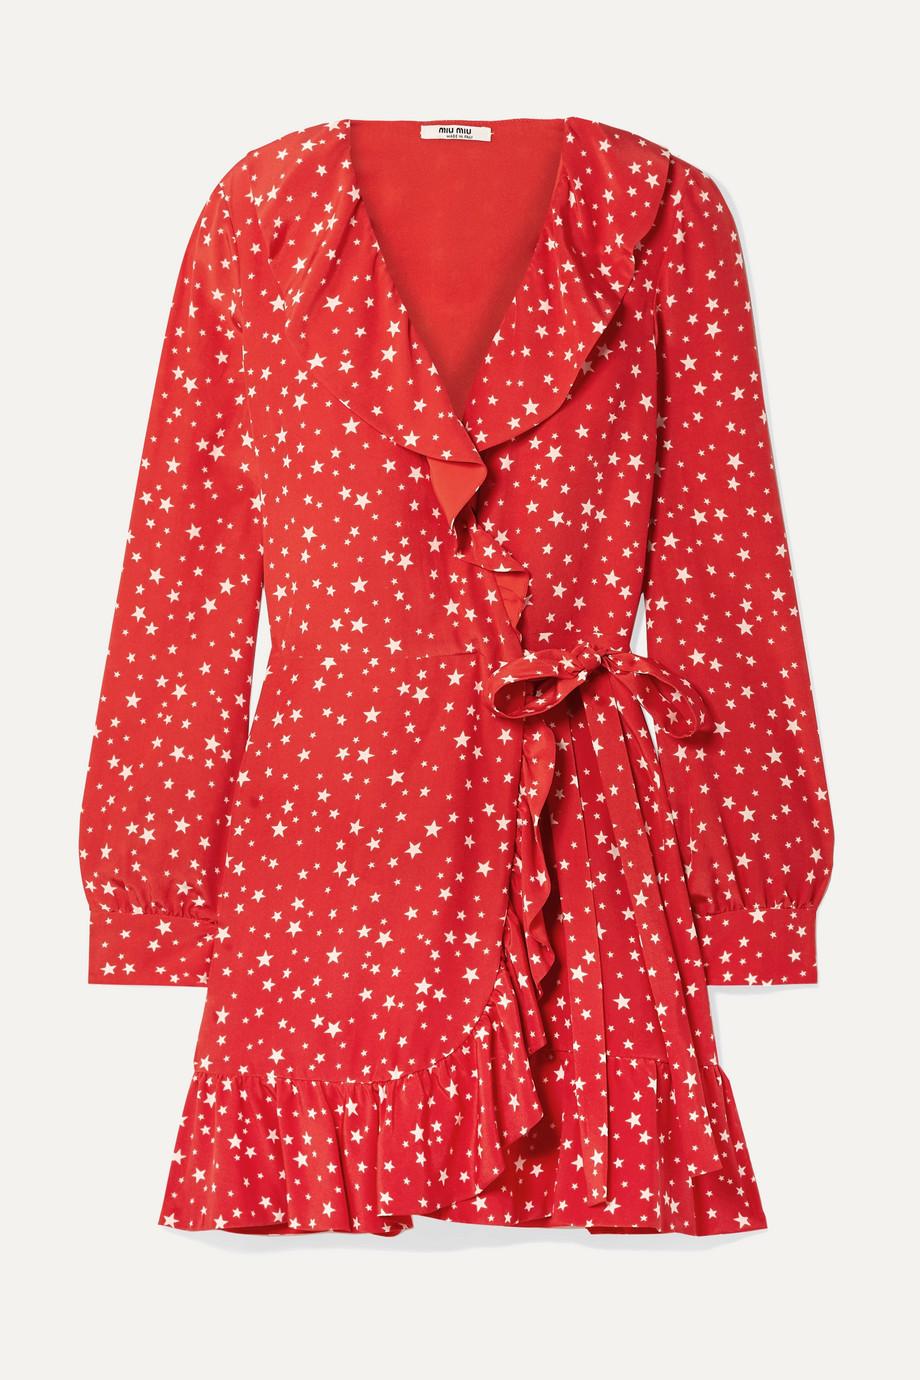 Miu Miu Bedrucktes Mini-Wickelkleid aus Seiden-Crêpe mit Rüschen